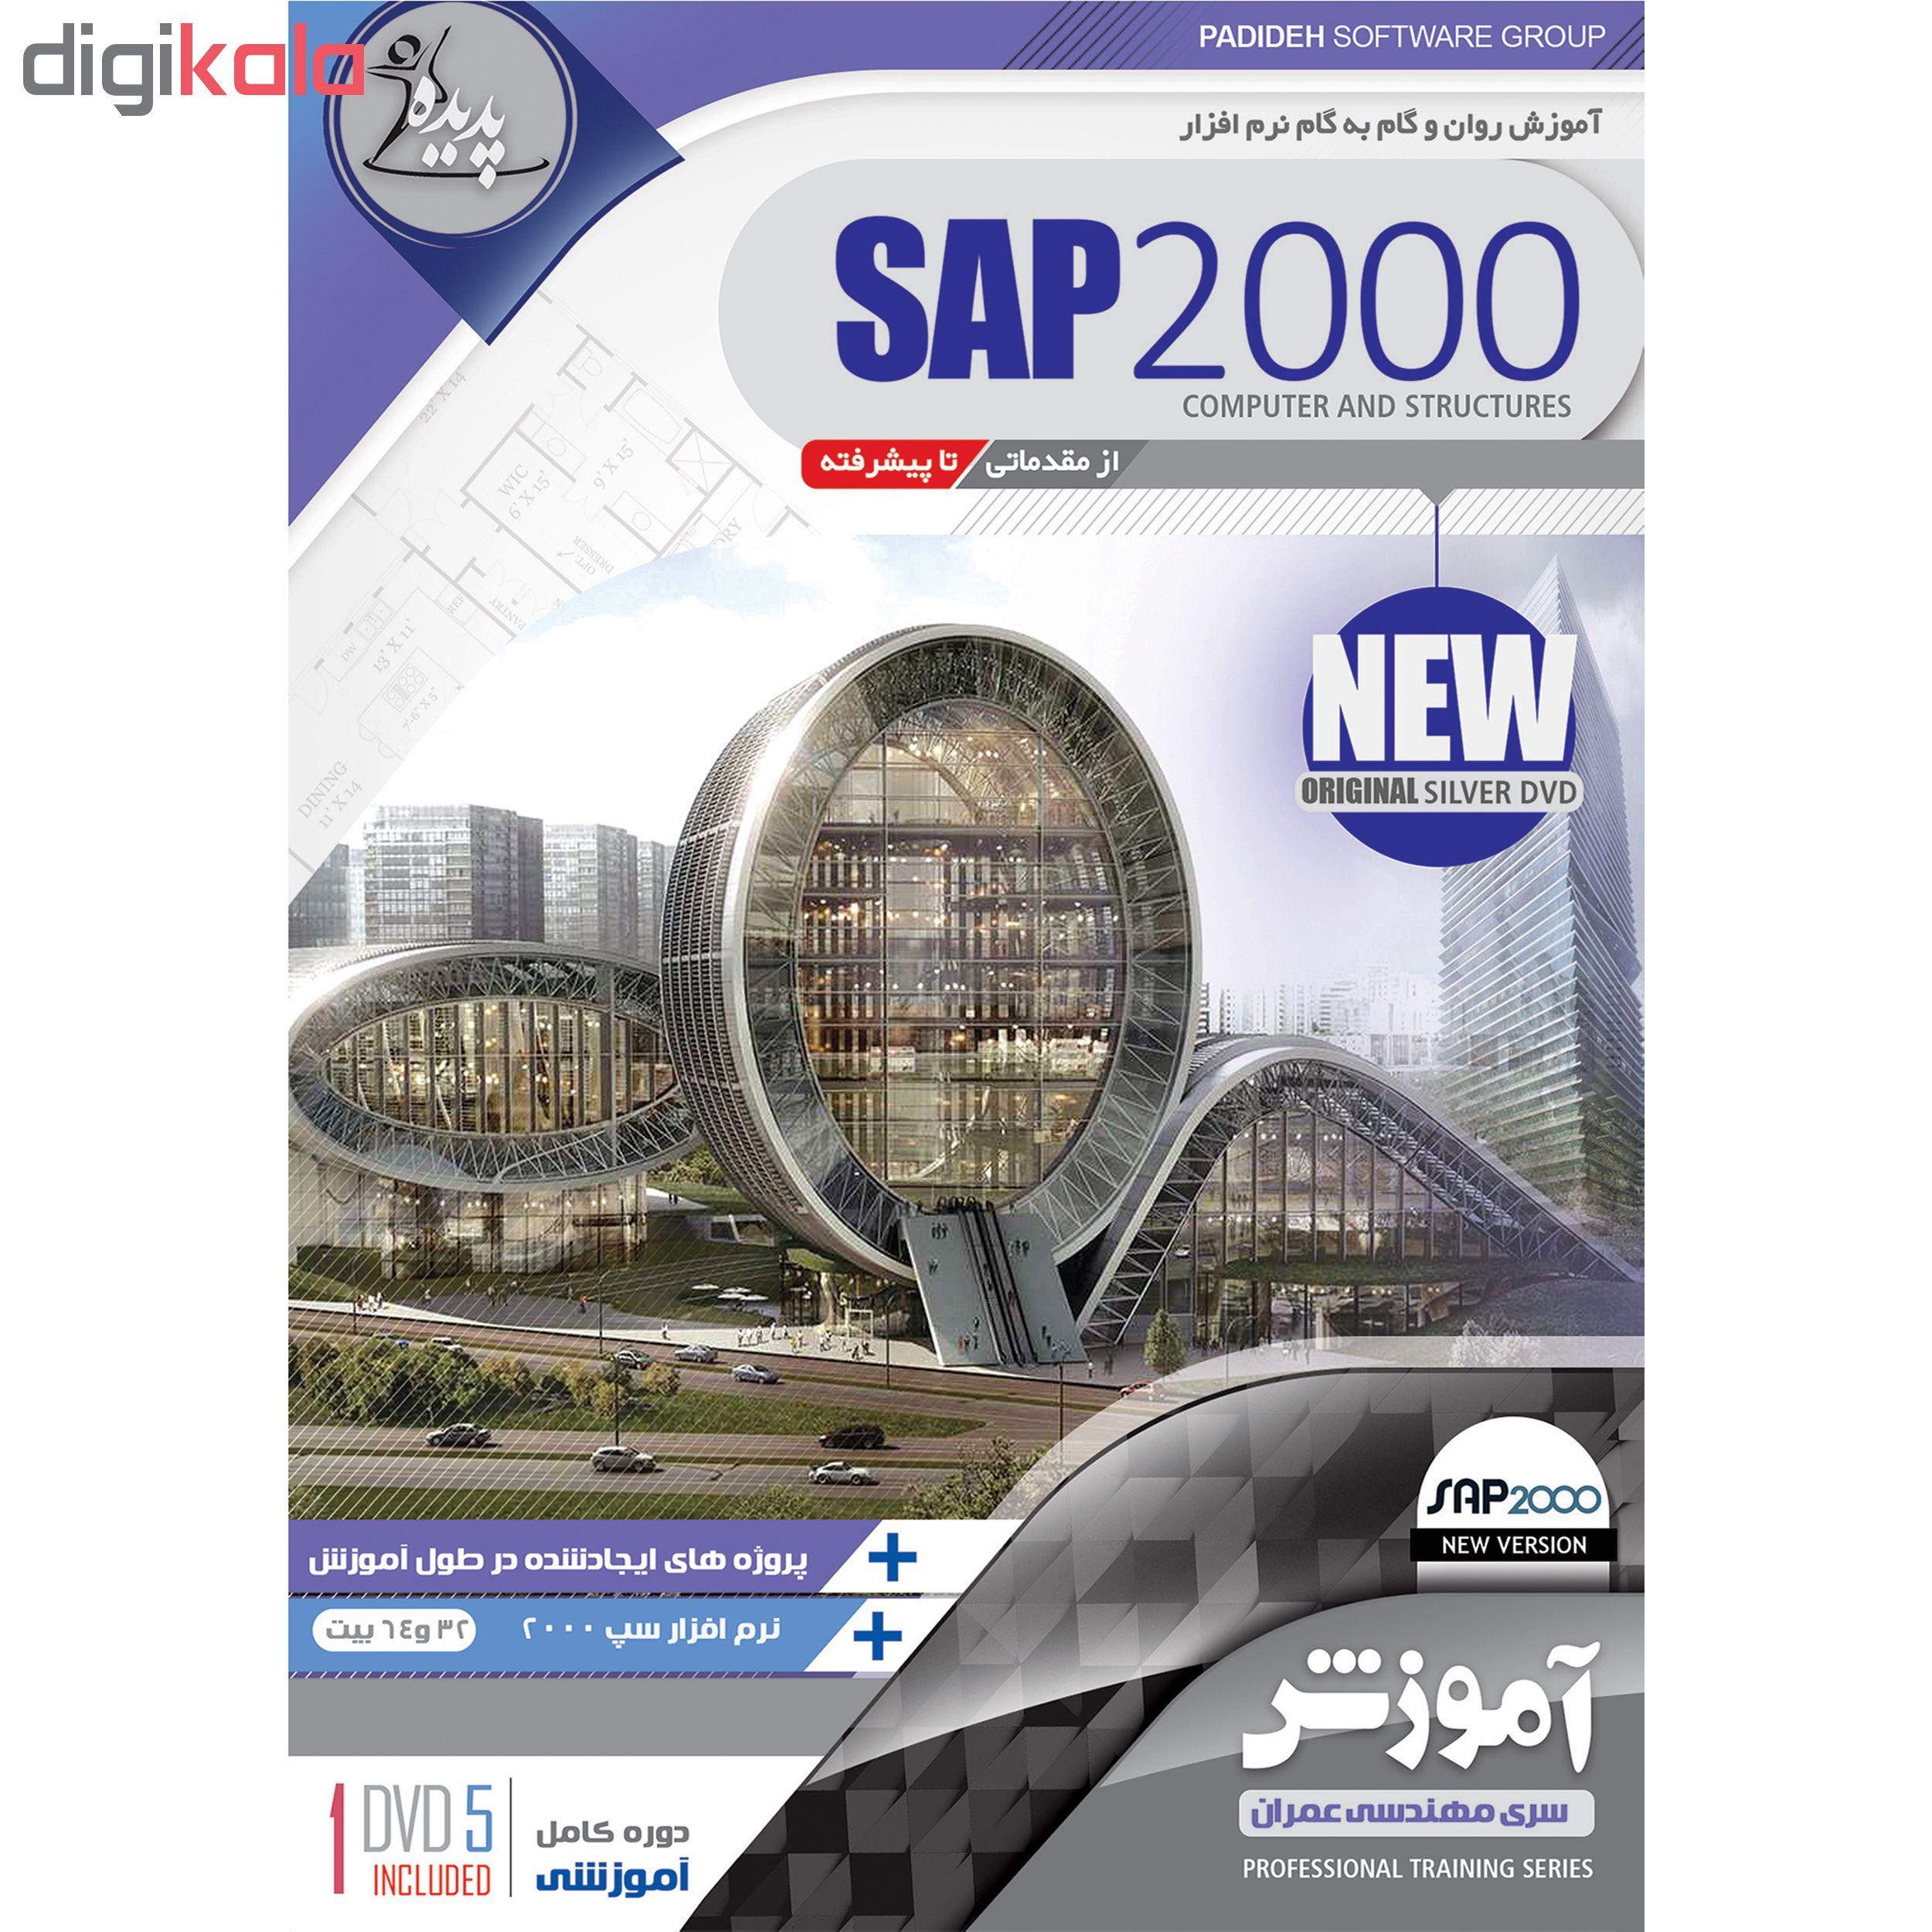 نرم افزار آموزش REVIT نشر پدیده به همراه نرم افزار آموزش SAP 2000 نشر پدیده